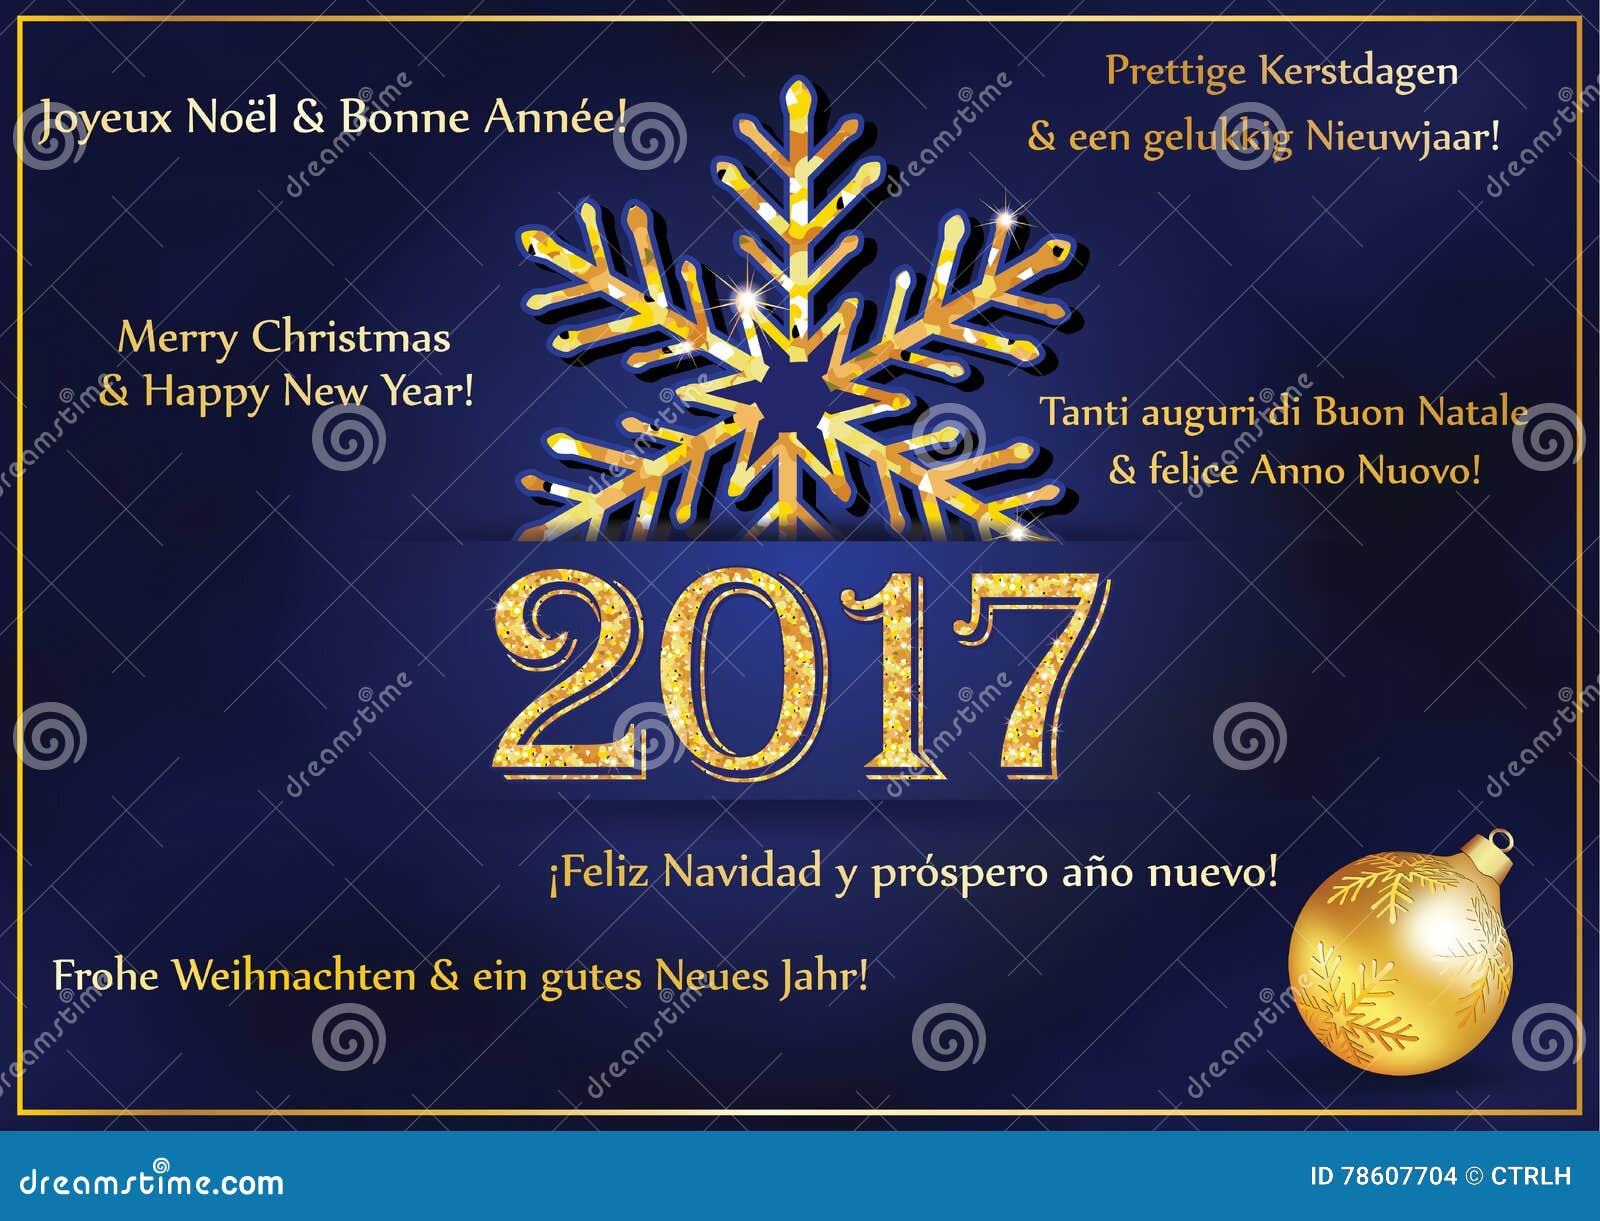 Bien connu Carte De Voeux De Noël Et De Nouvelle Année 2017 Image stock  YT34